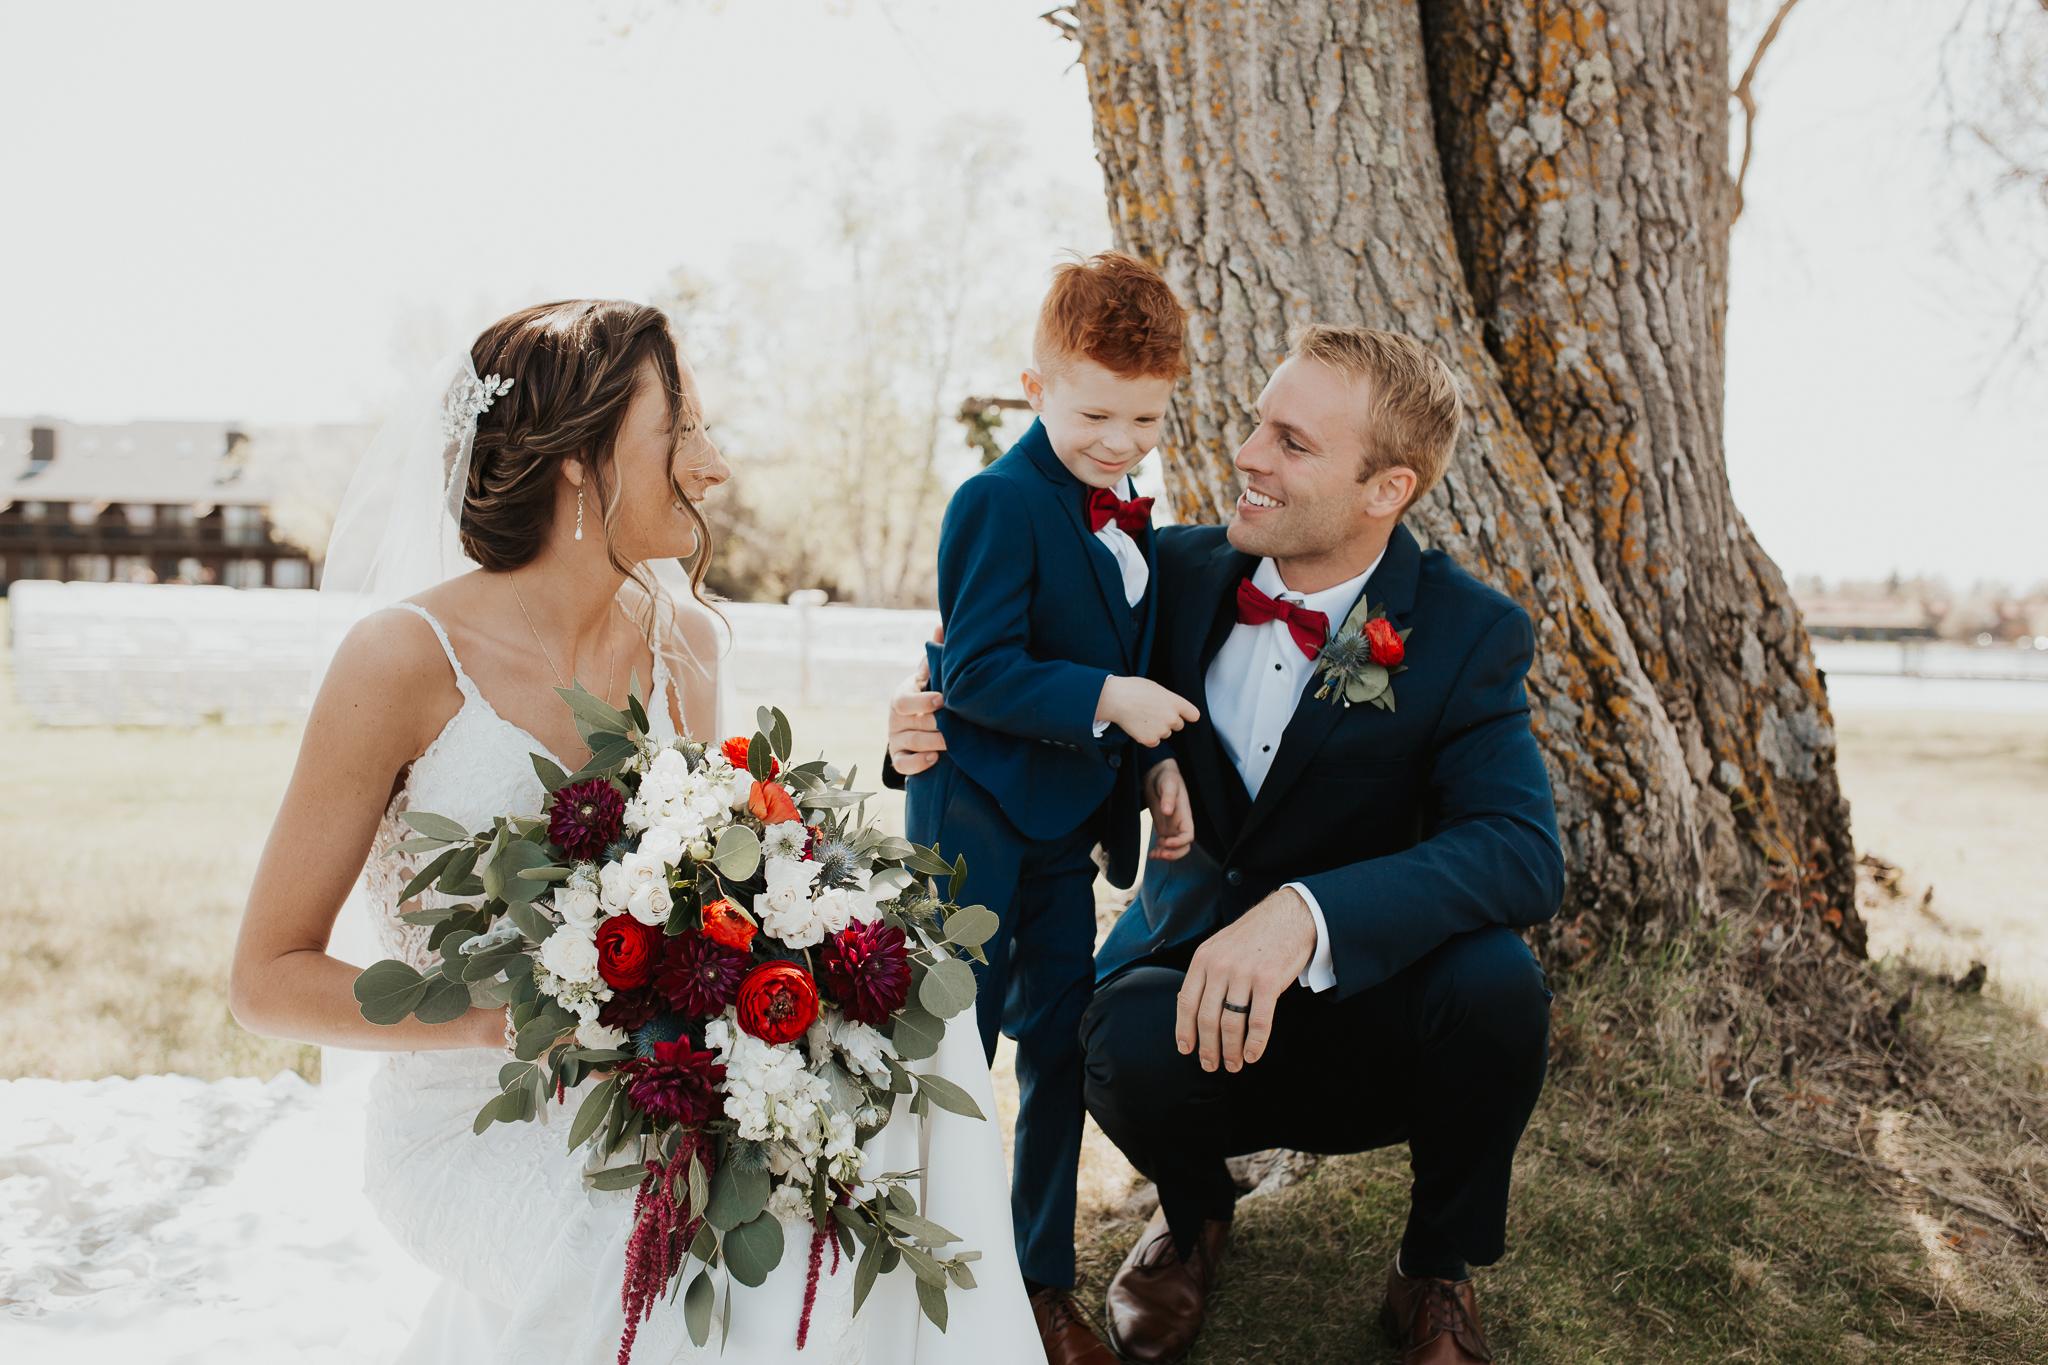 AlexJanie_Wedding-33.jpg